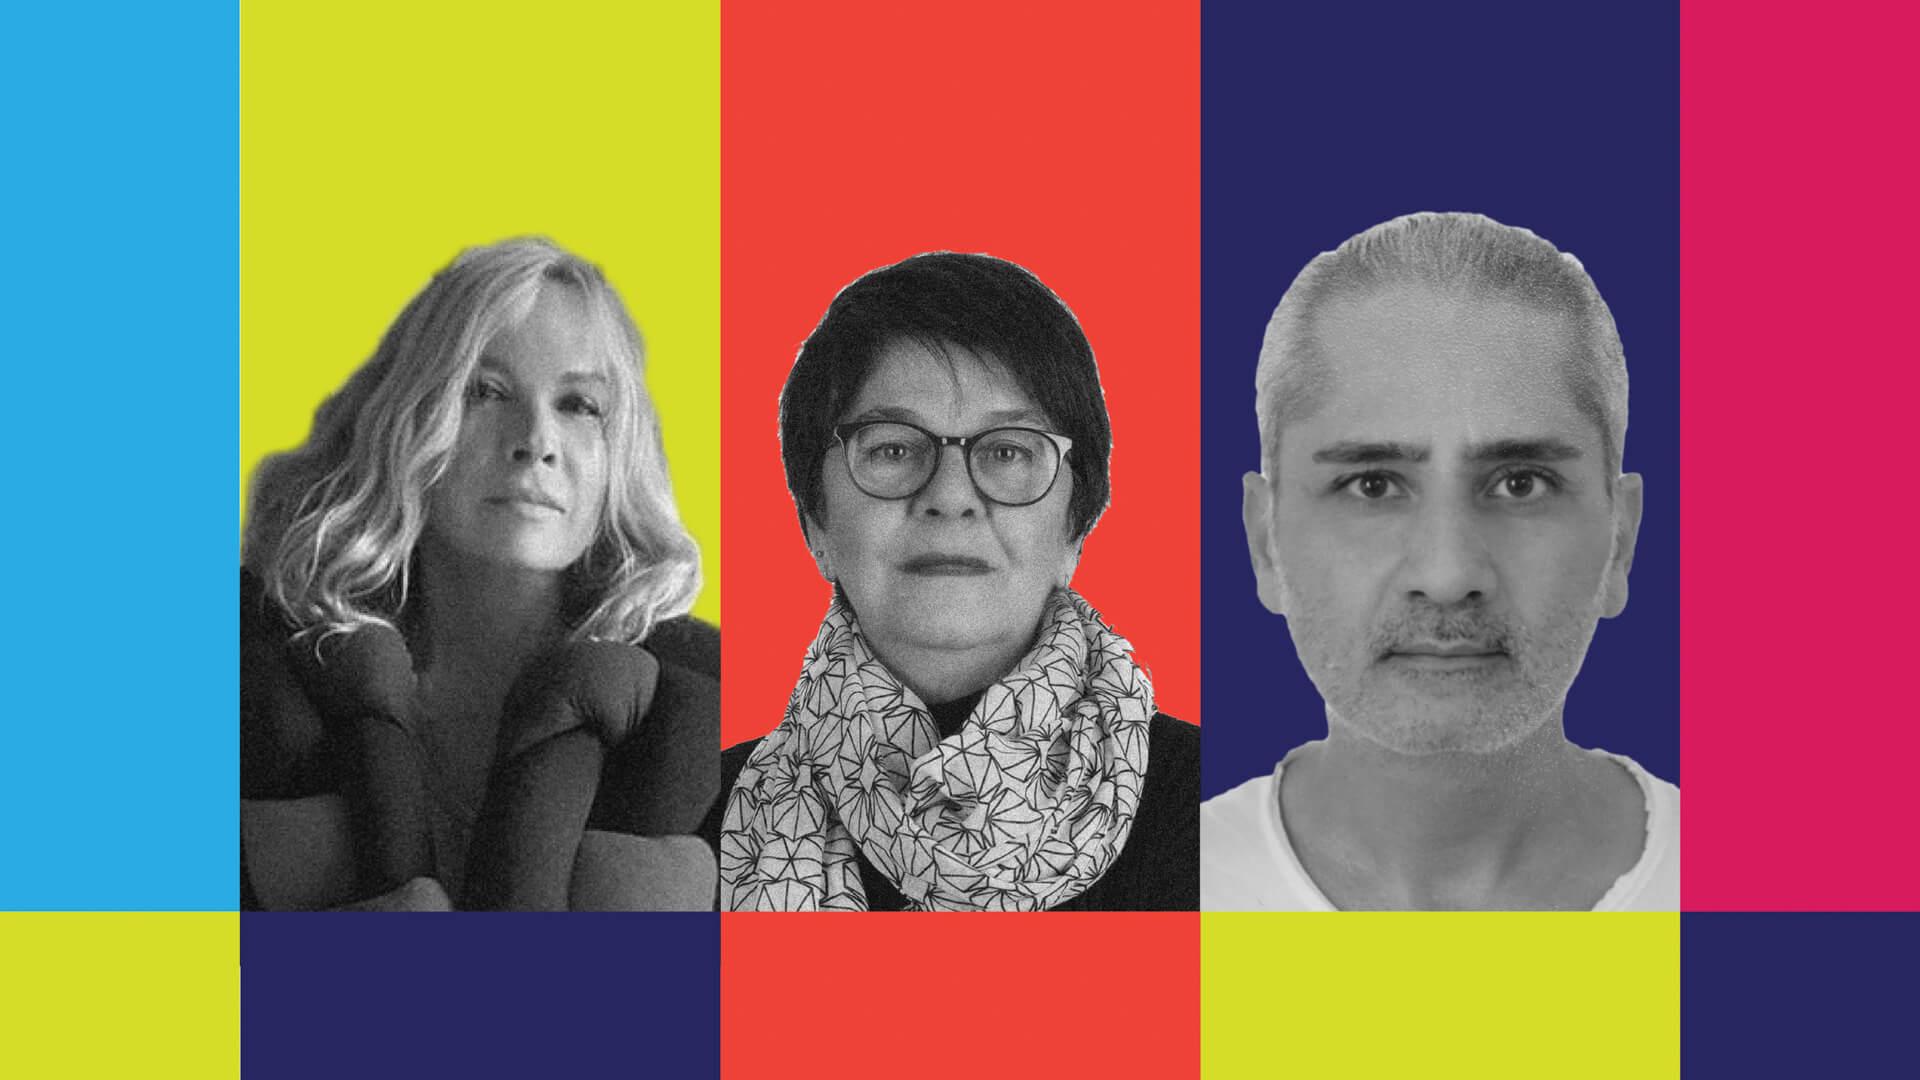 Tasarım, Tasarımcı ve Moda: Dün, Bugün, Yarın <br> Müşerref Zeytinoğlu, Nihal Müge Kaplangı, Kami Emirhan